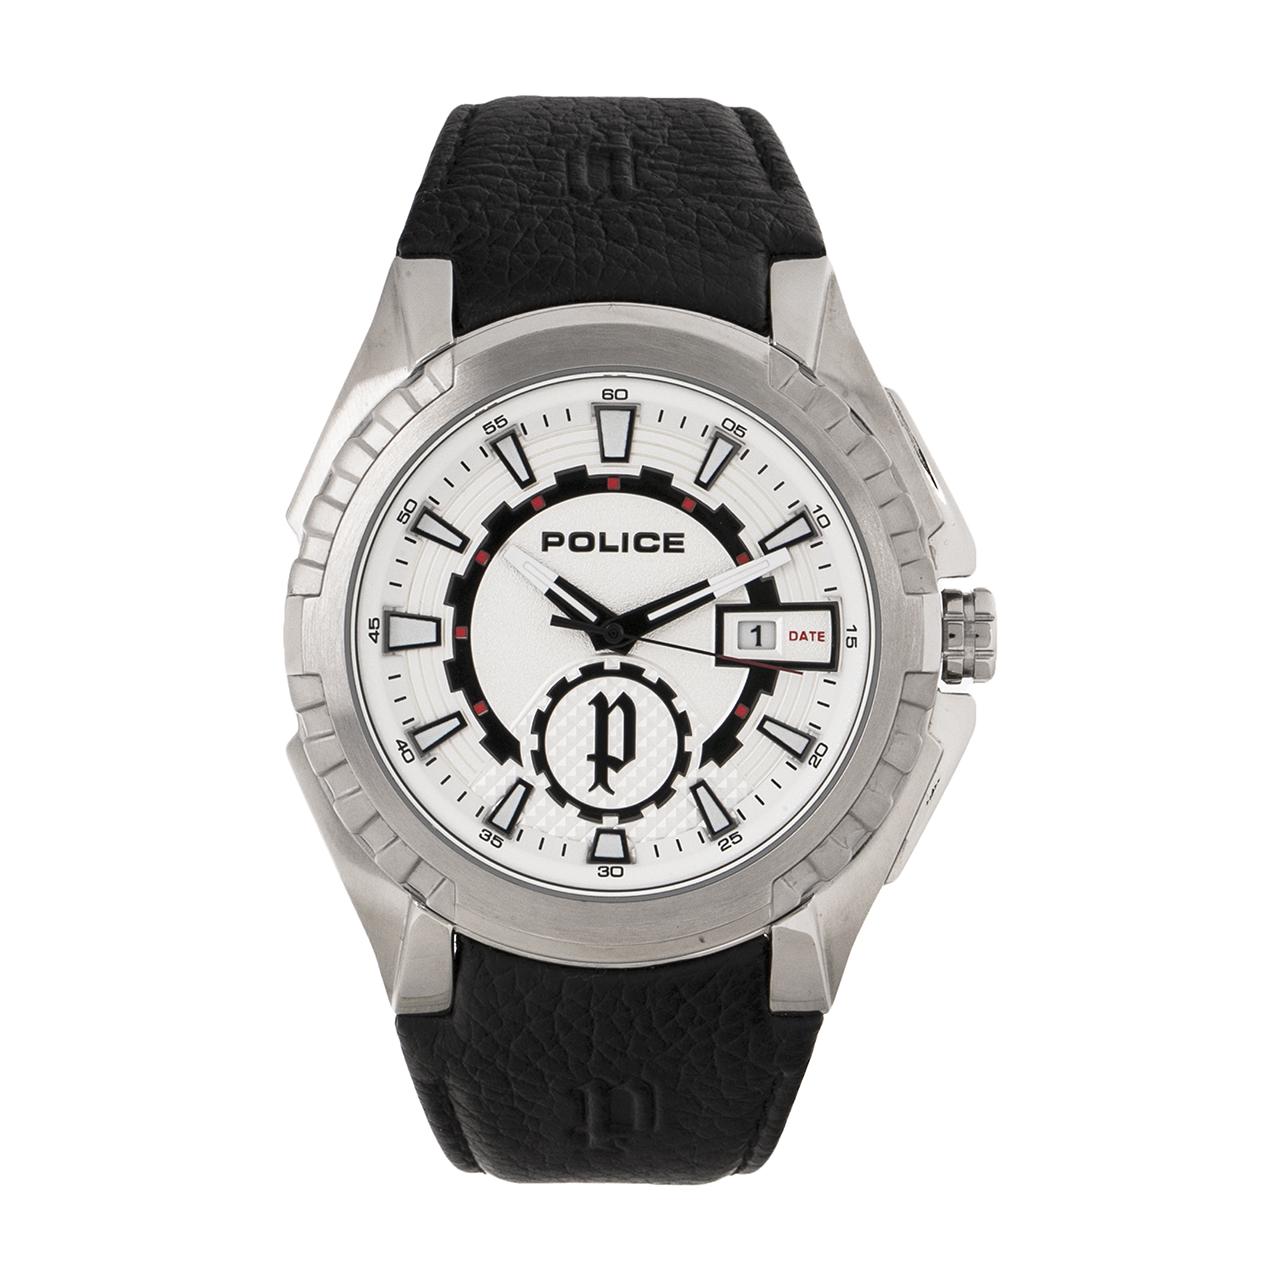 ساعت مچی عقربه ای مردانه پلیس مدل 14194JS-04